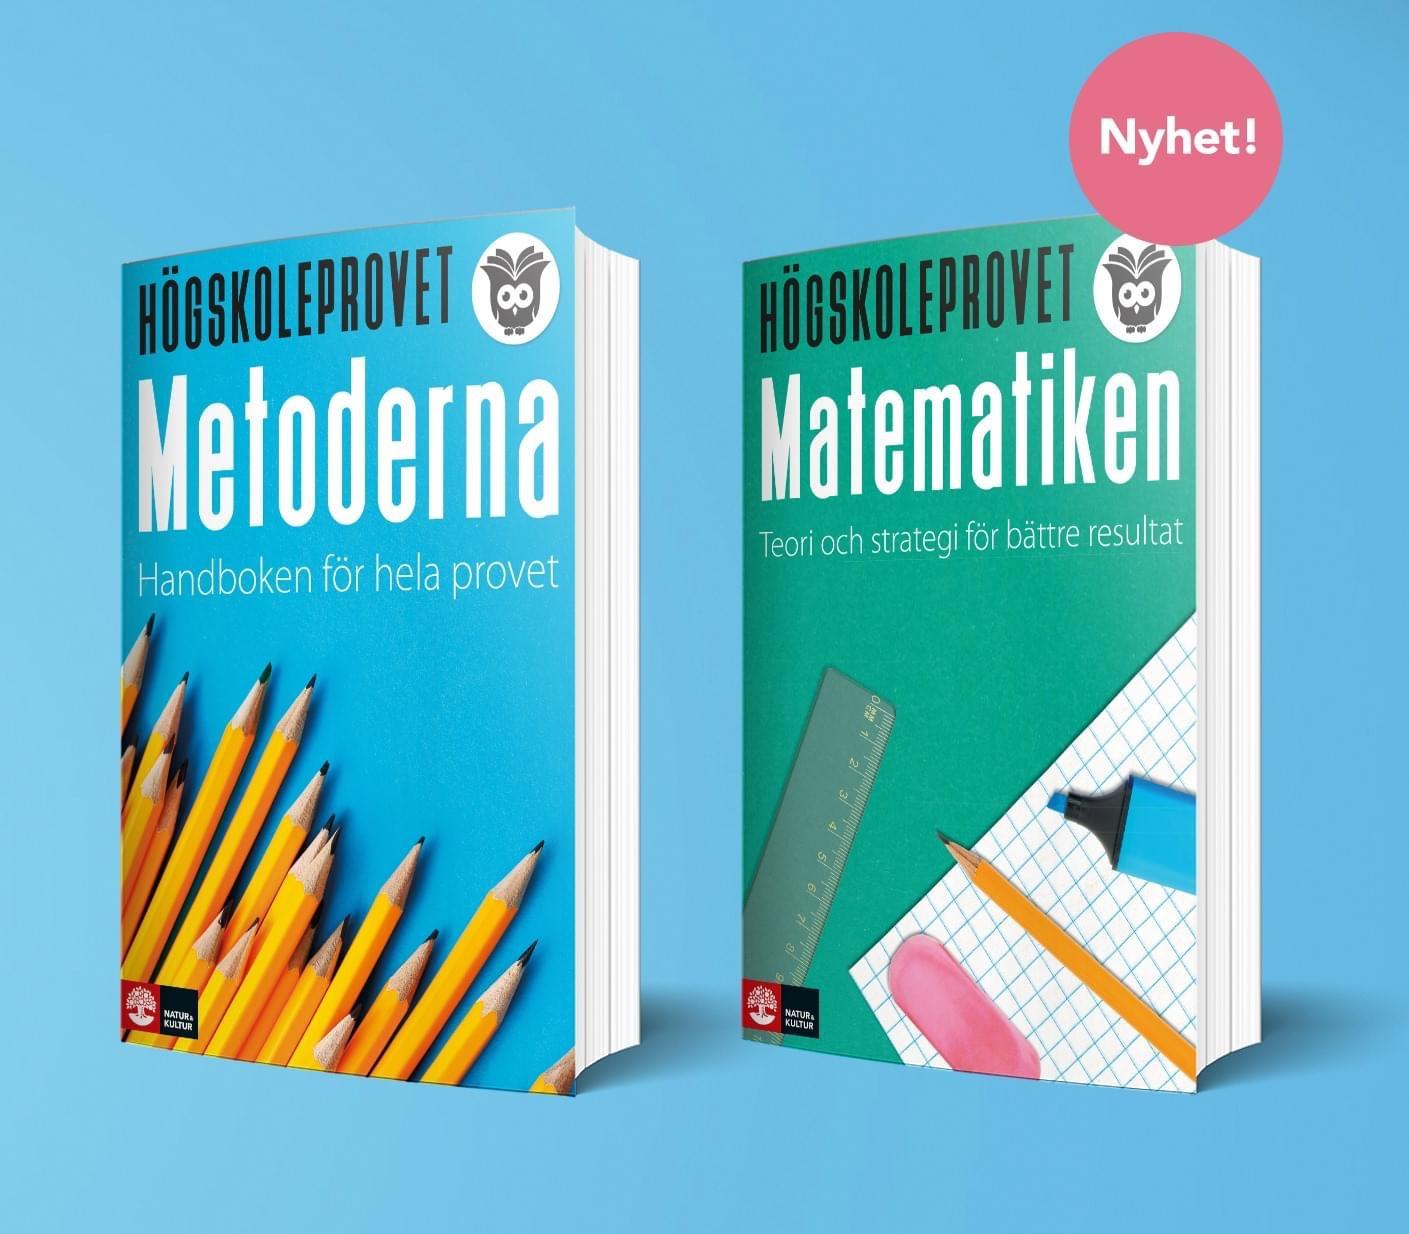 Högskoleprovet - Handböcker